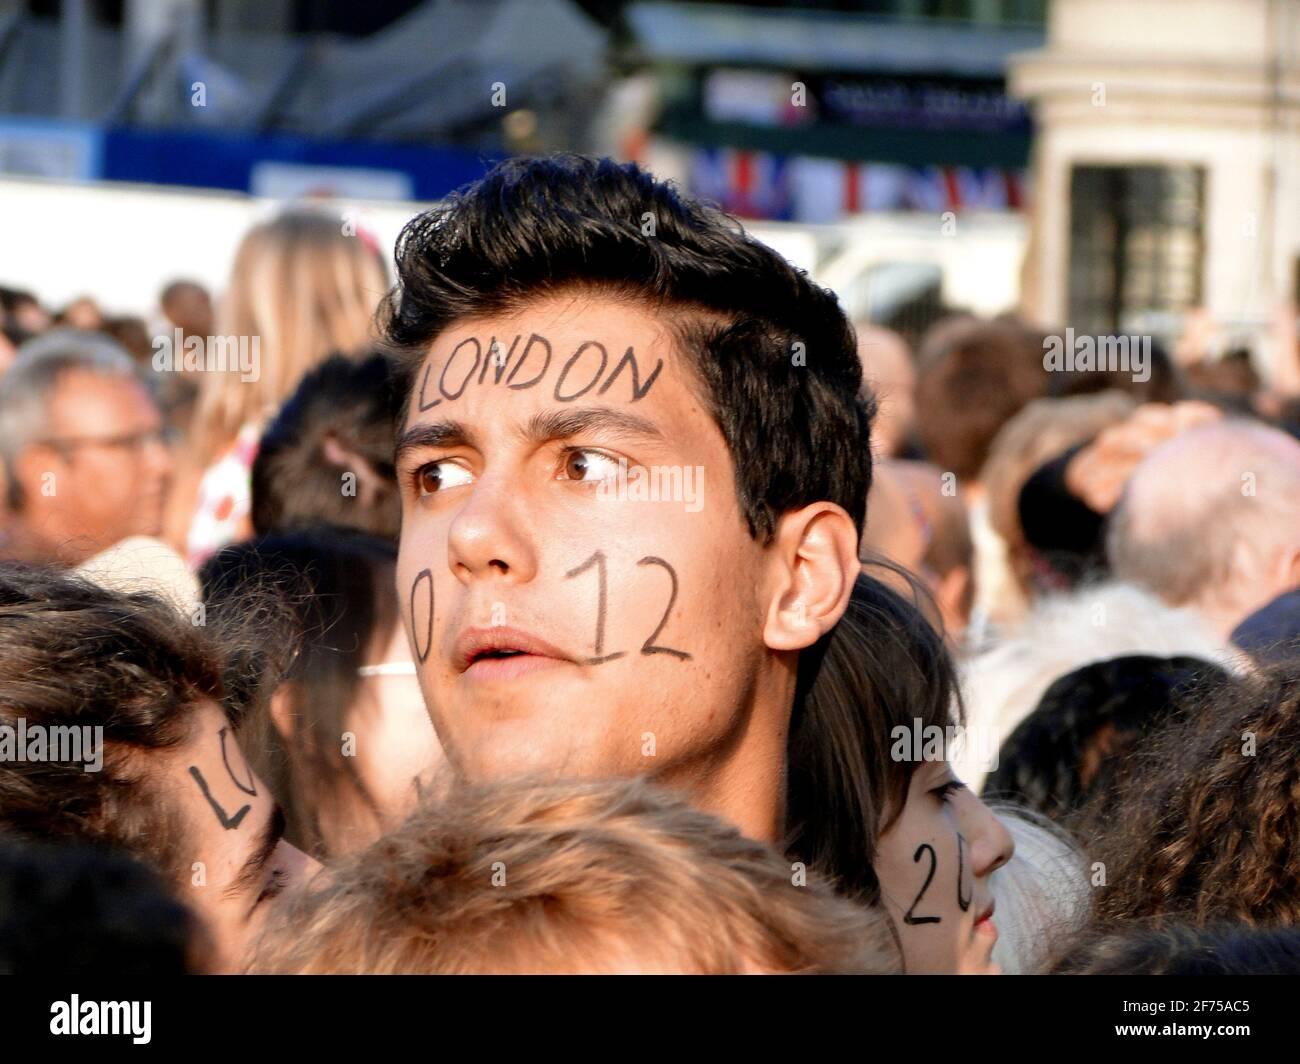 Noch eine Träne! - Konzert auf dem Trafalgar Square 1 Jahr vor den Olympischen Spielen 2012, London, Großbritannien Stockfoto